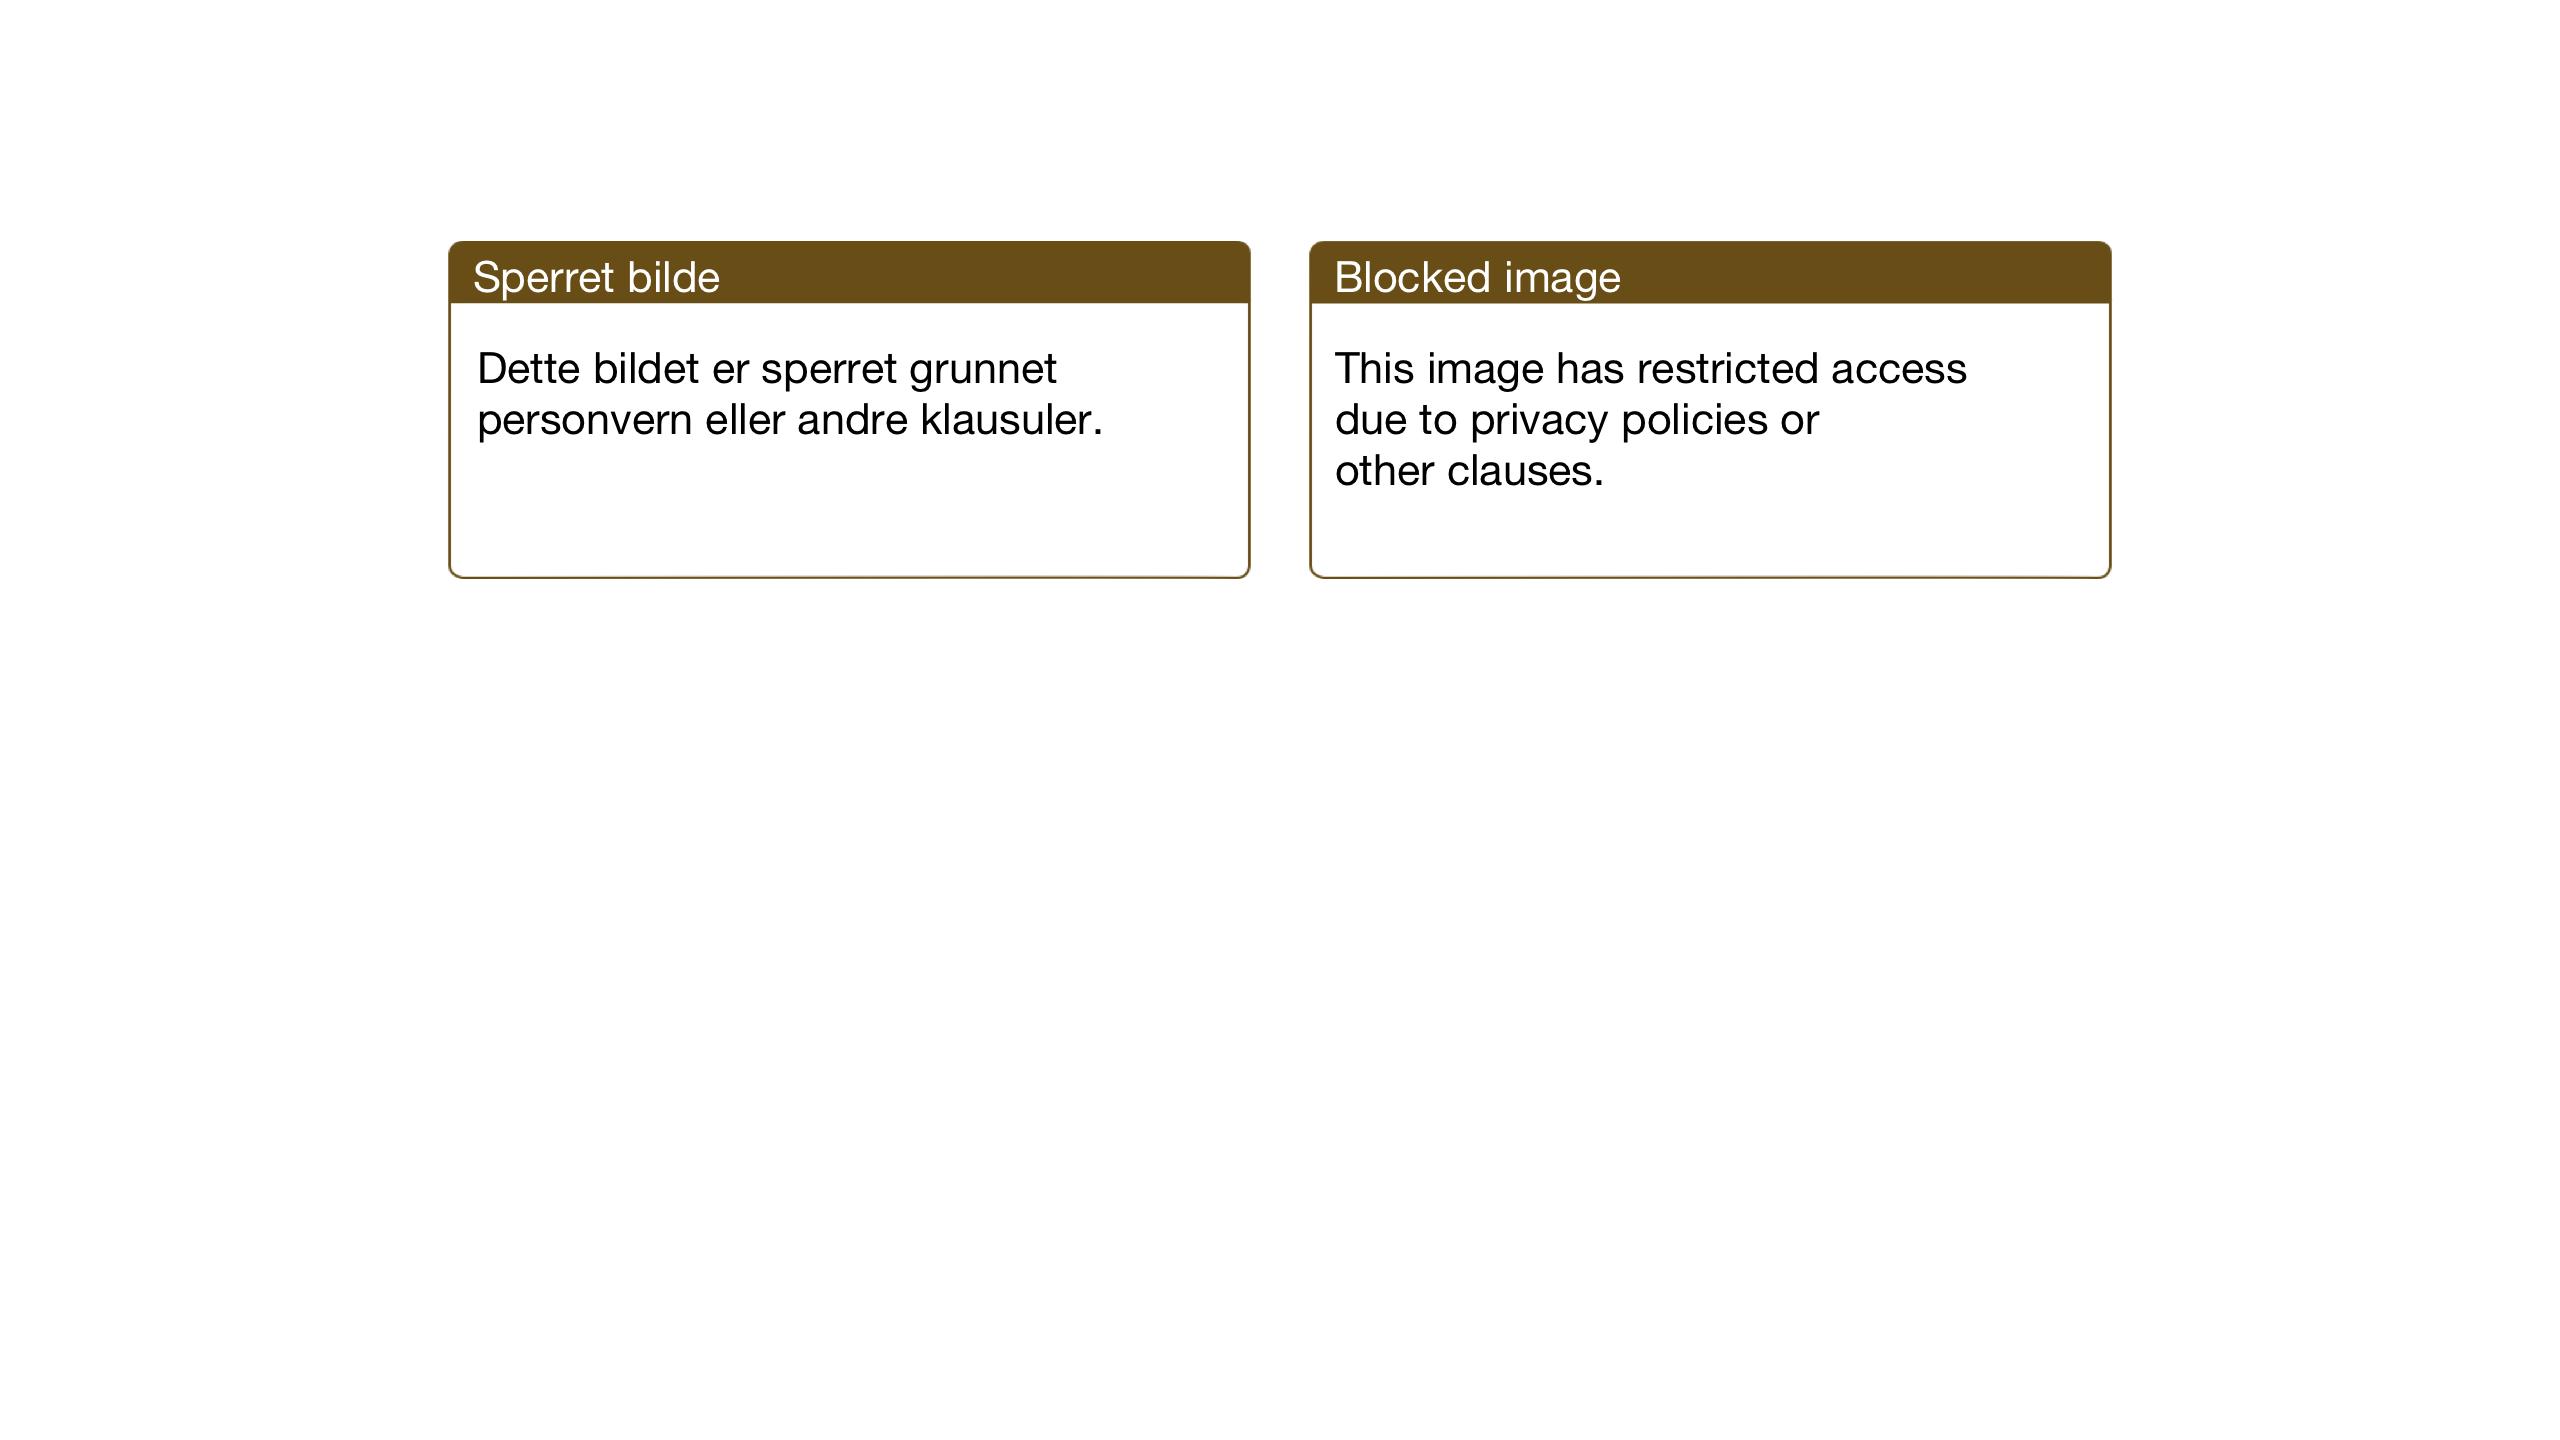 SAT, Ministerialprotokoller, klokkerbøker og fødselsregistre - Møre og Romsdal, 504/L0063: Klokkerbok nr. 504C05, 1939-1972, s. 158